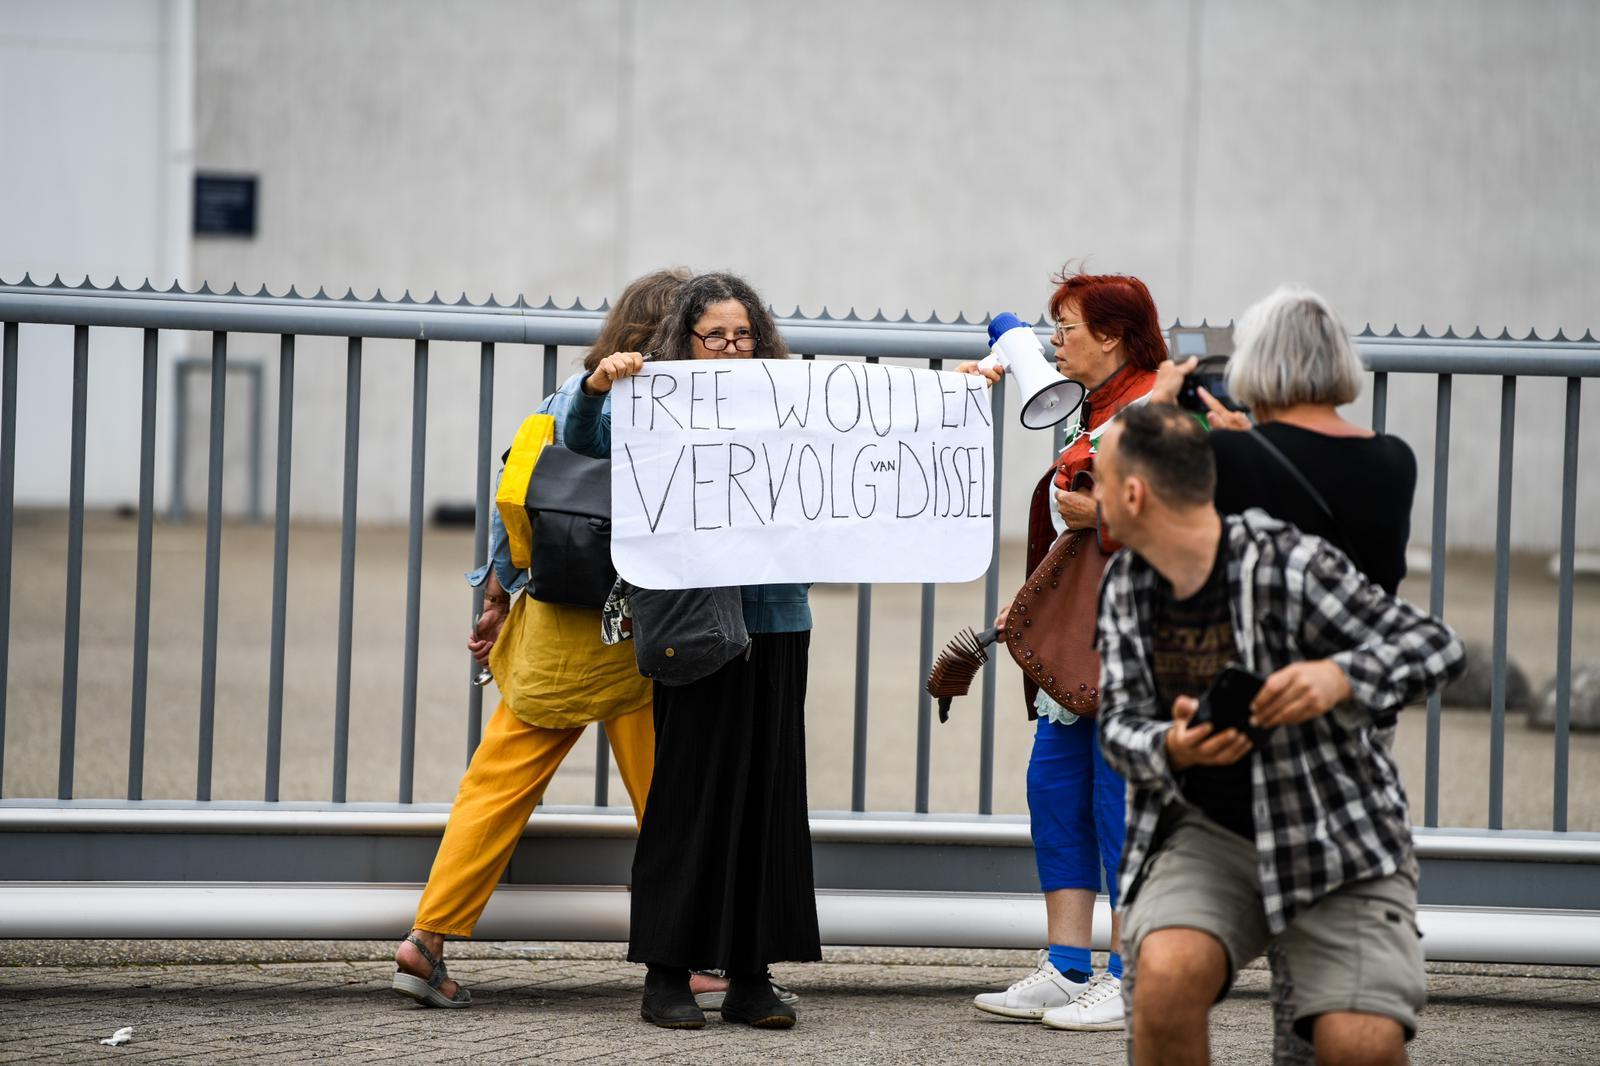 Demonstratie complotdenkers gevangenis pi alphen